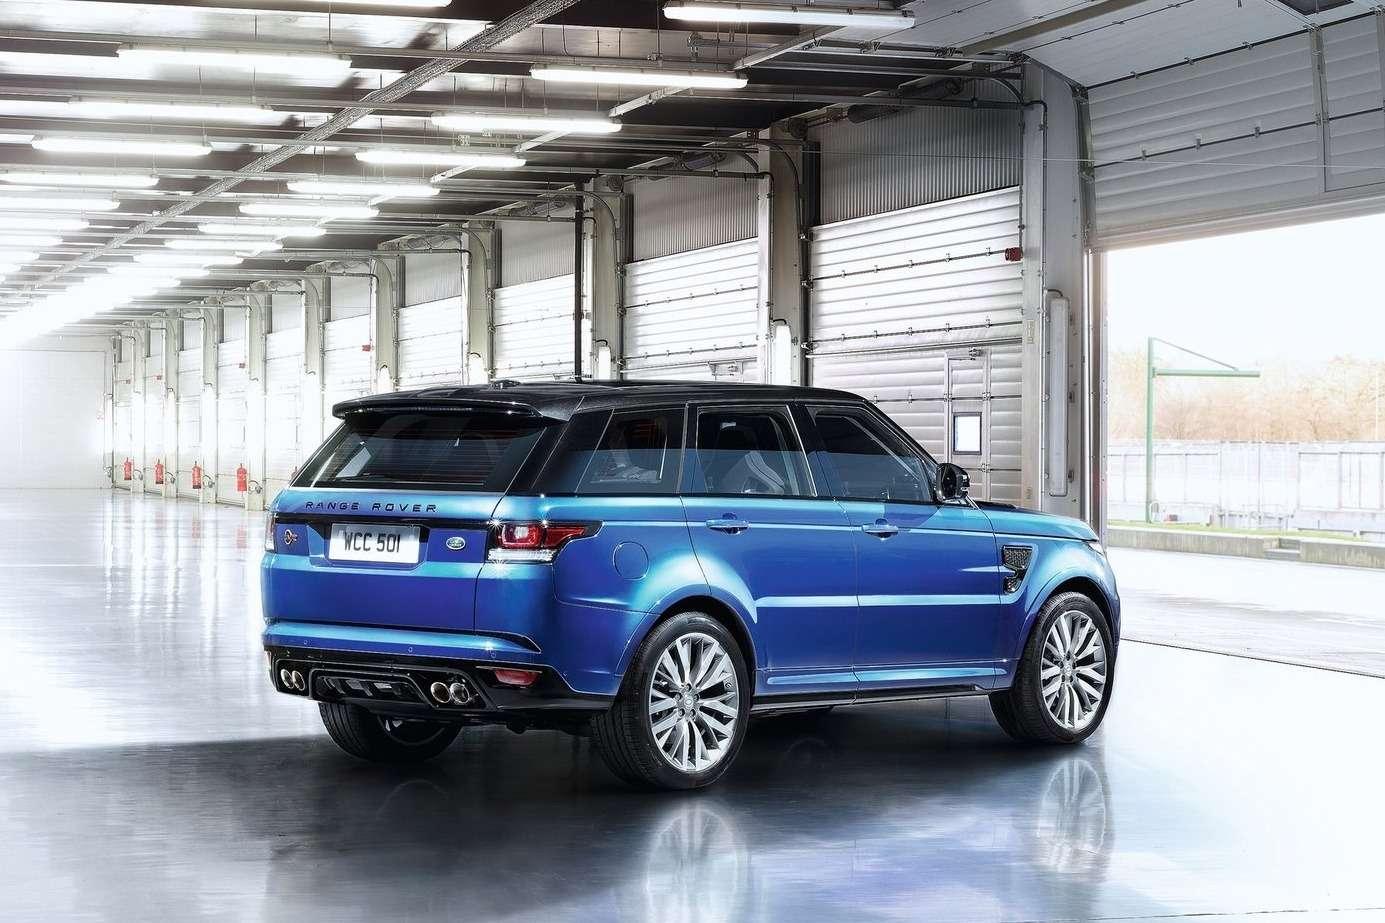 Land_Rover-Range_Rover_Sport_SVR_2015_1600x1200_wallpaper_0c